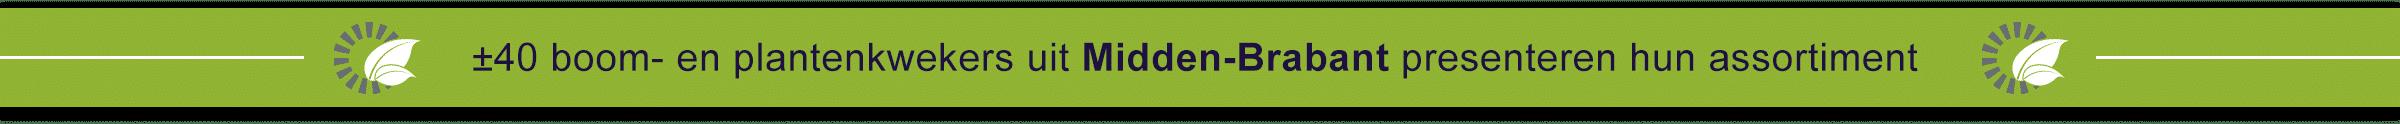 Groenbeurs Brabant